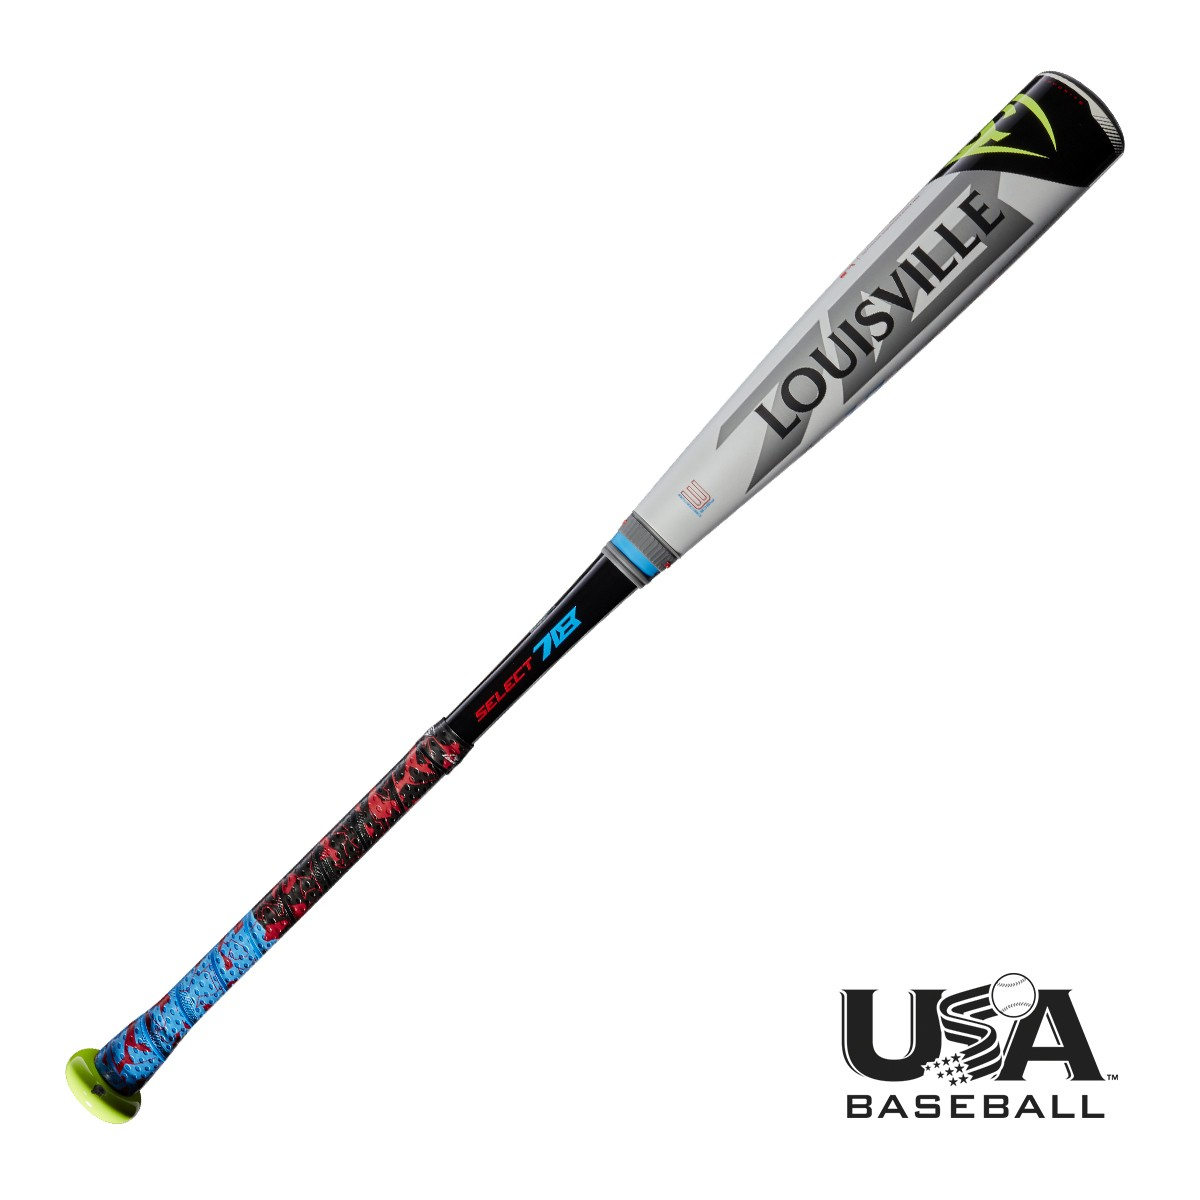 Louisville Slugger 2018 Select 718 USA Baseball Bat (-10)